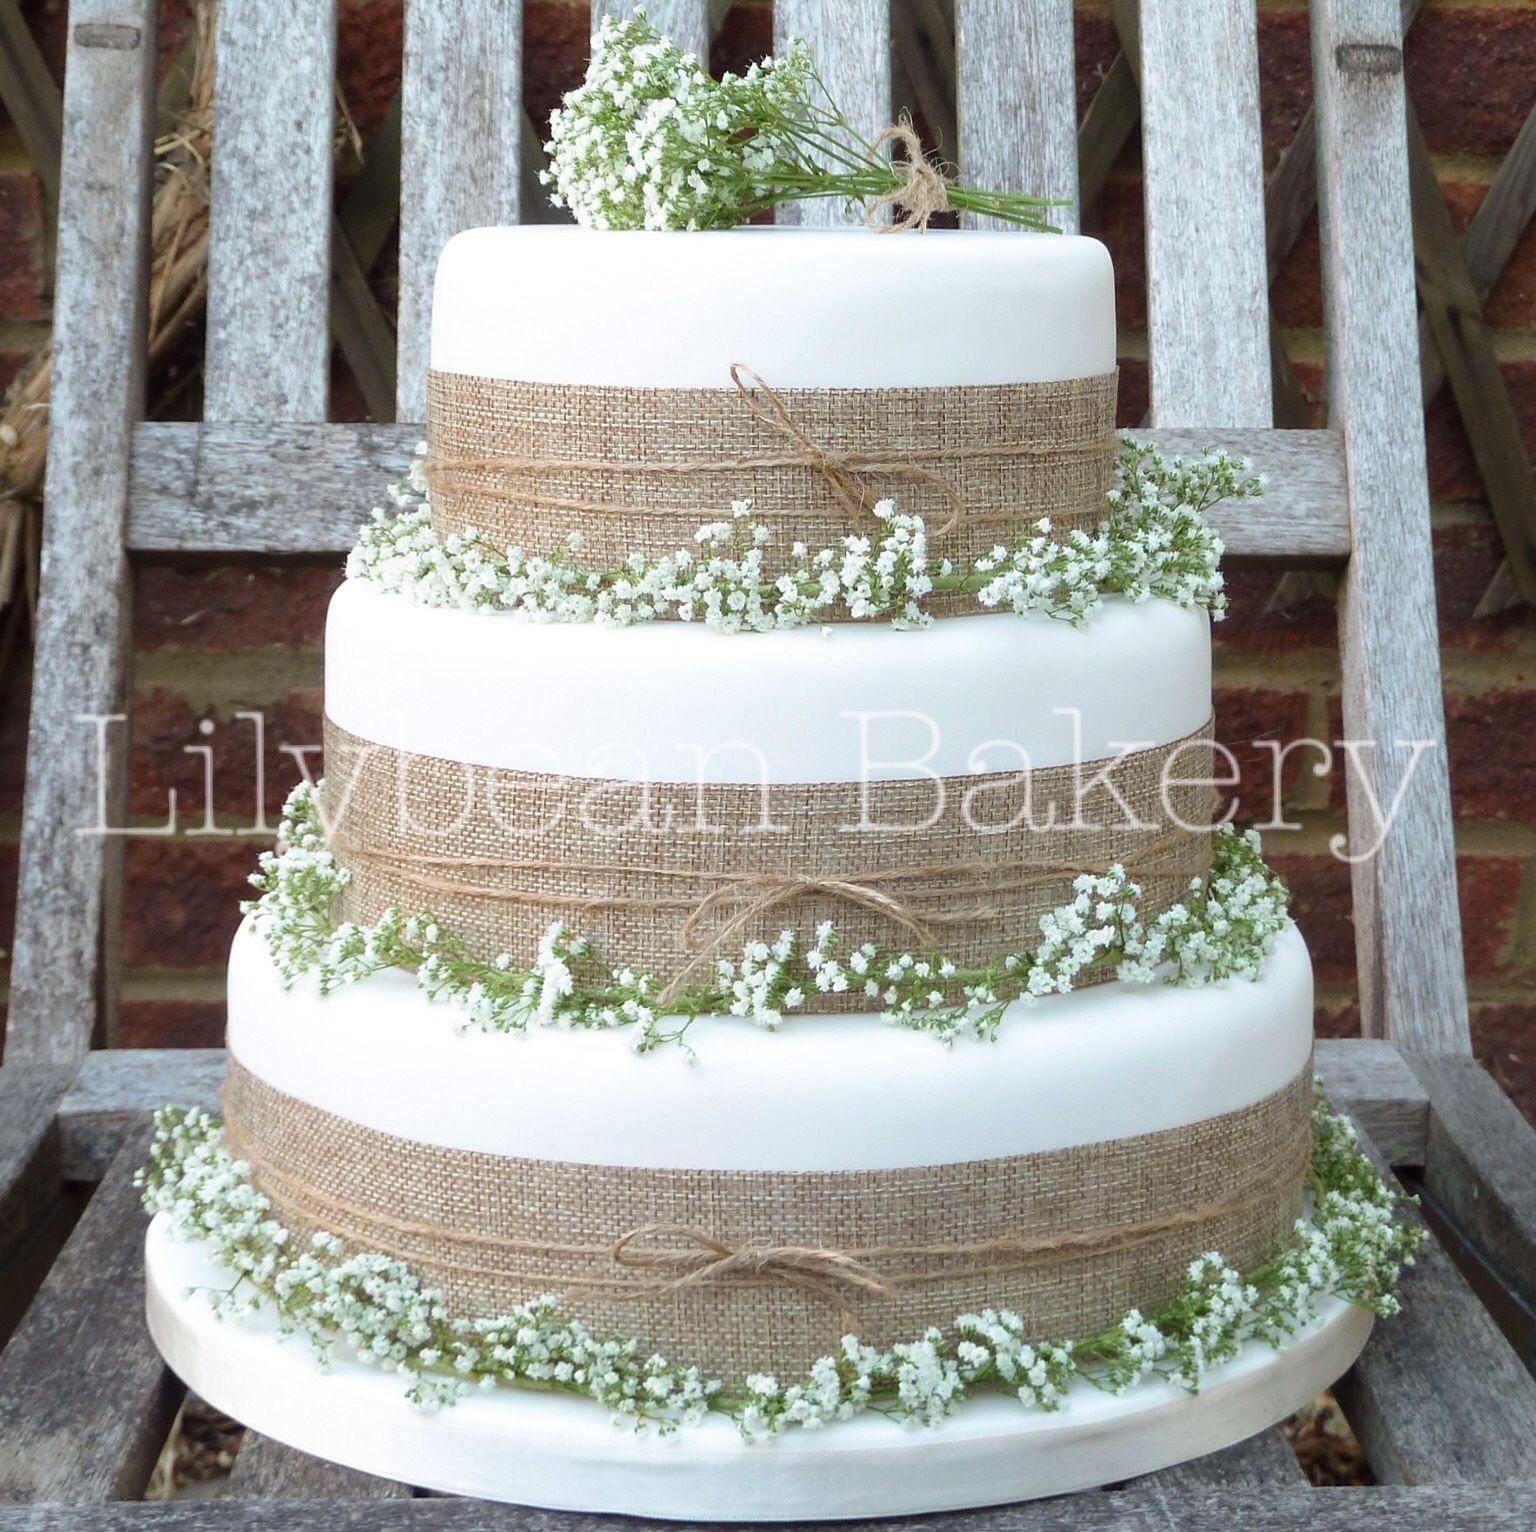 Rustic Barn Wedding Cakes: Rustic Gypsophila And Hessian Wedding Cake